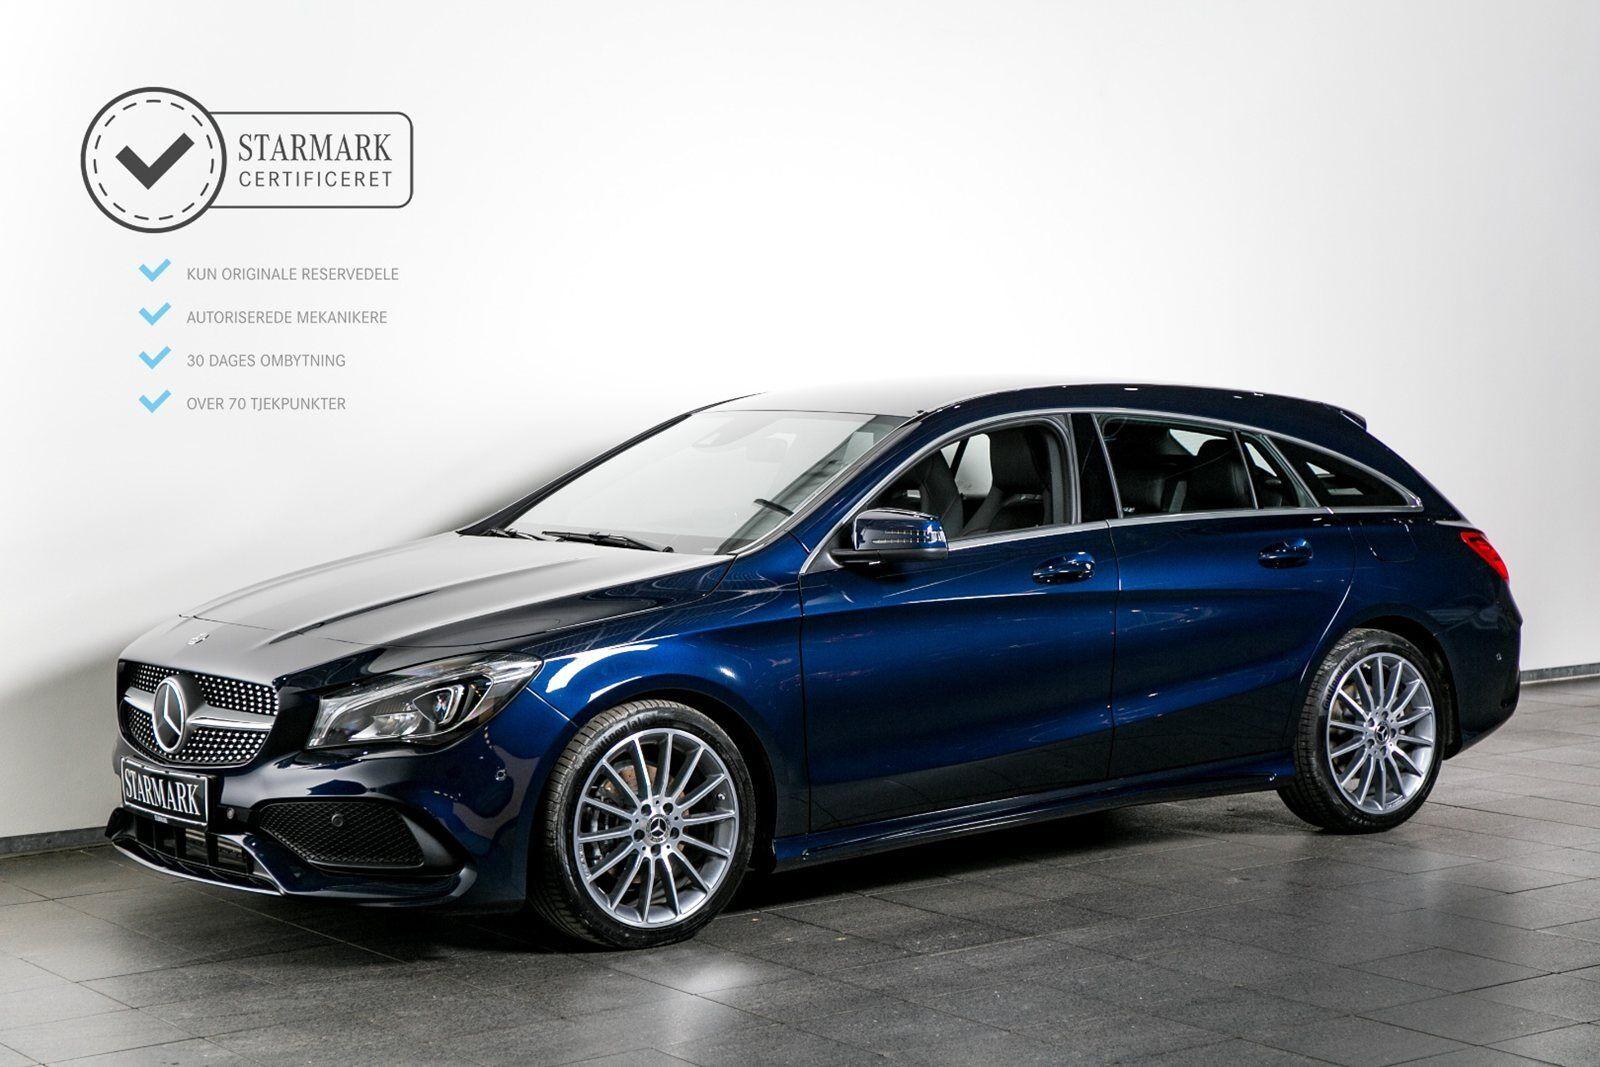 Mercedes CLA200 1,6 AMG Line SB aut. 5d - 409.900 kr.